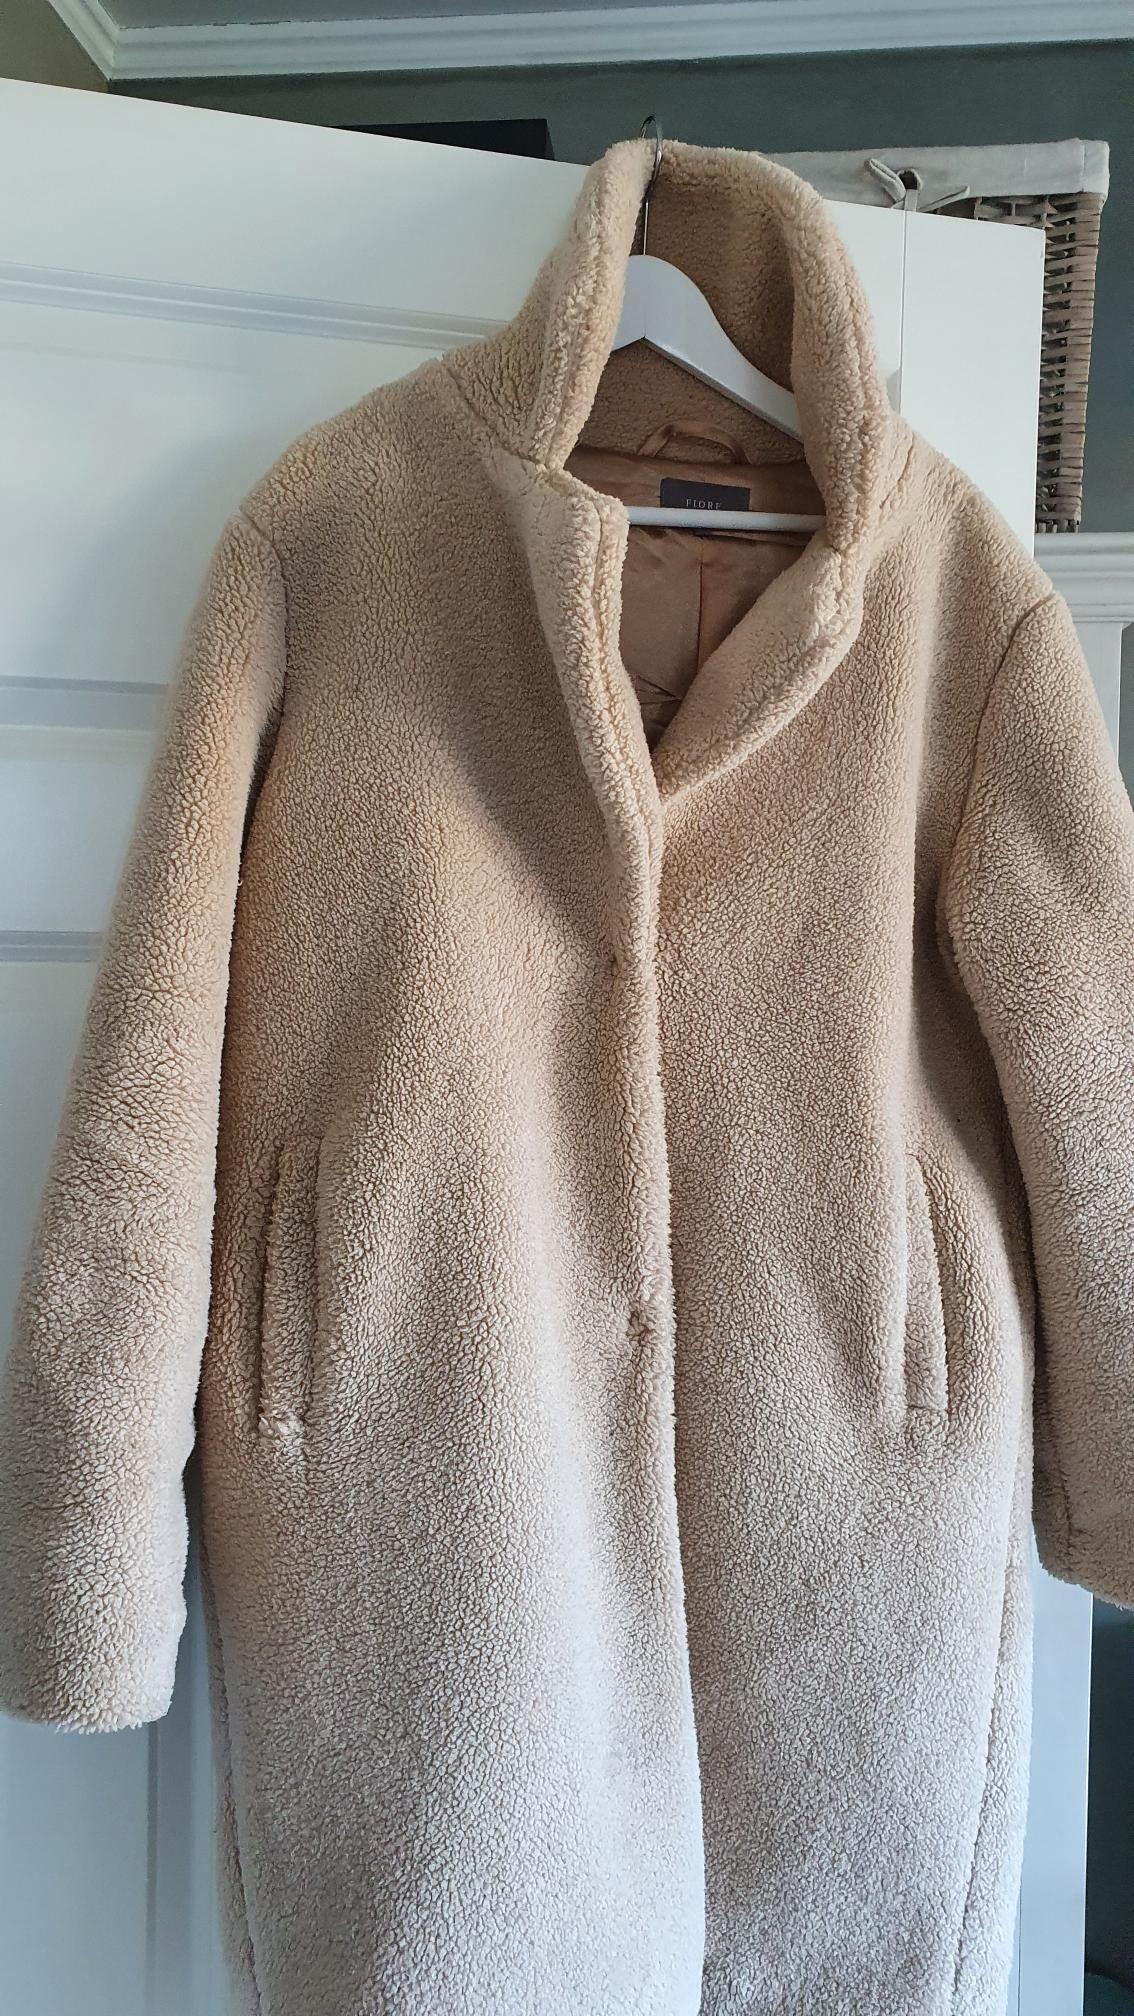 Vinterjakke, Teddy coat | FINN.no